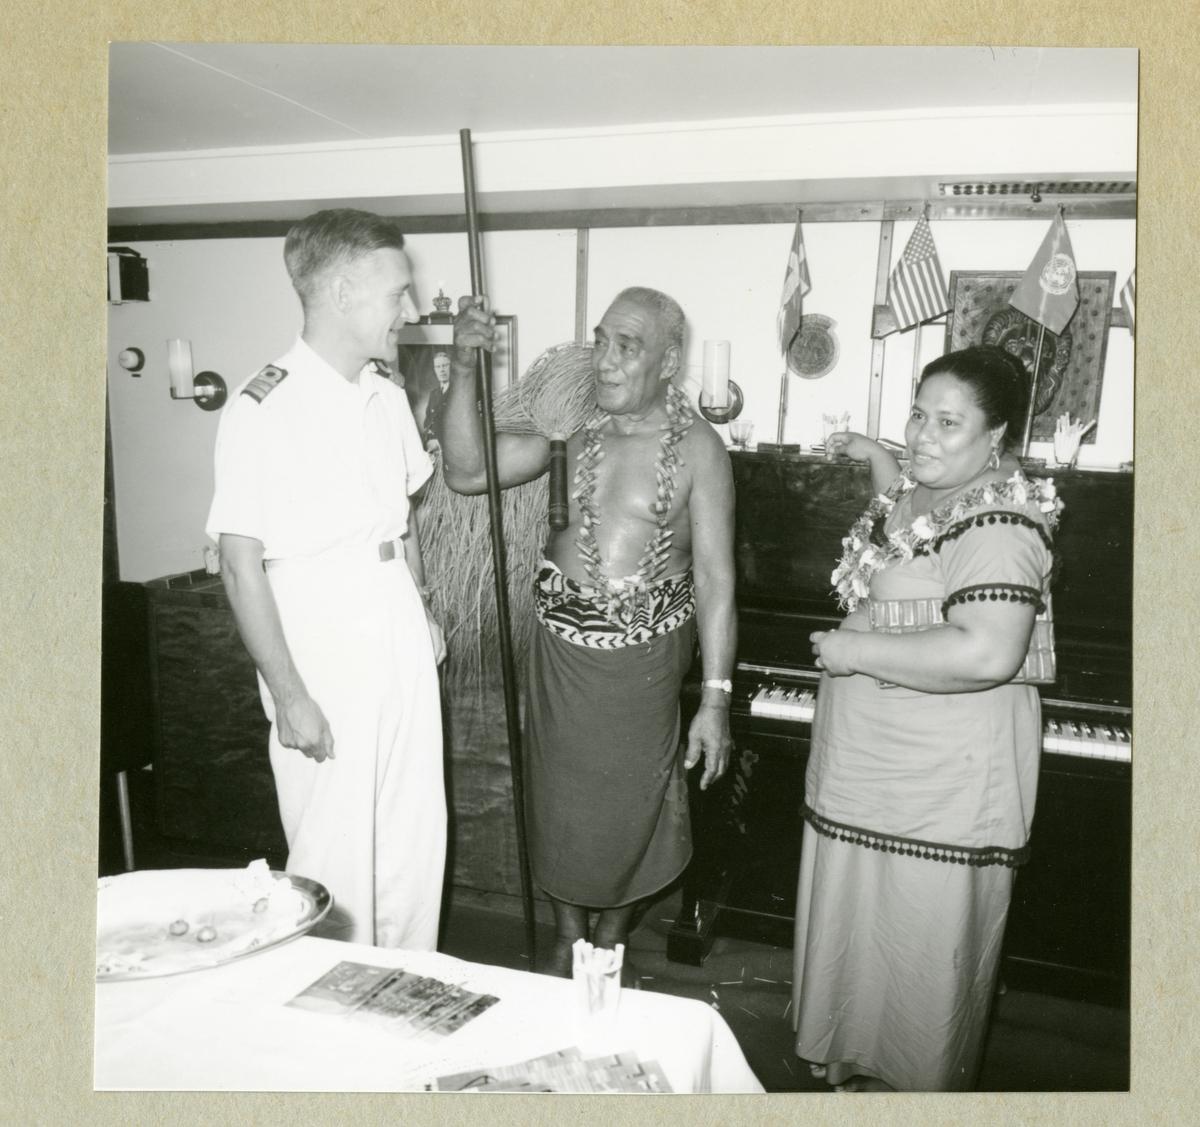 Bilden visar Älvsnabbens 1. fartygsläkare, dr Bertil Bläckberg, med två lokala gäster från Pago-Pago i fartygets gunrum.